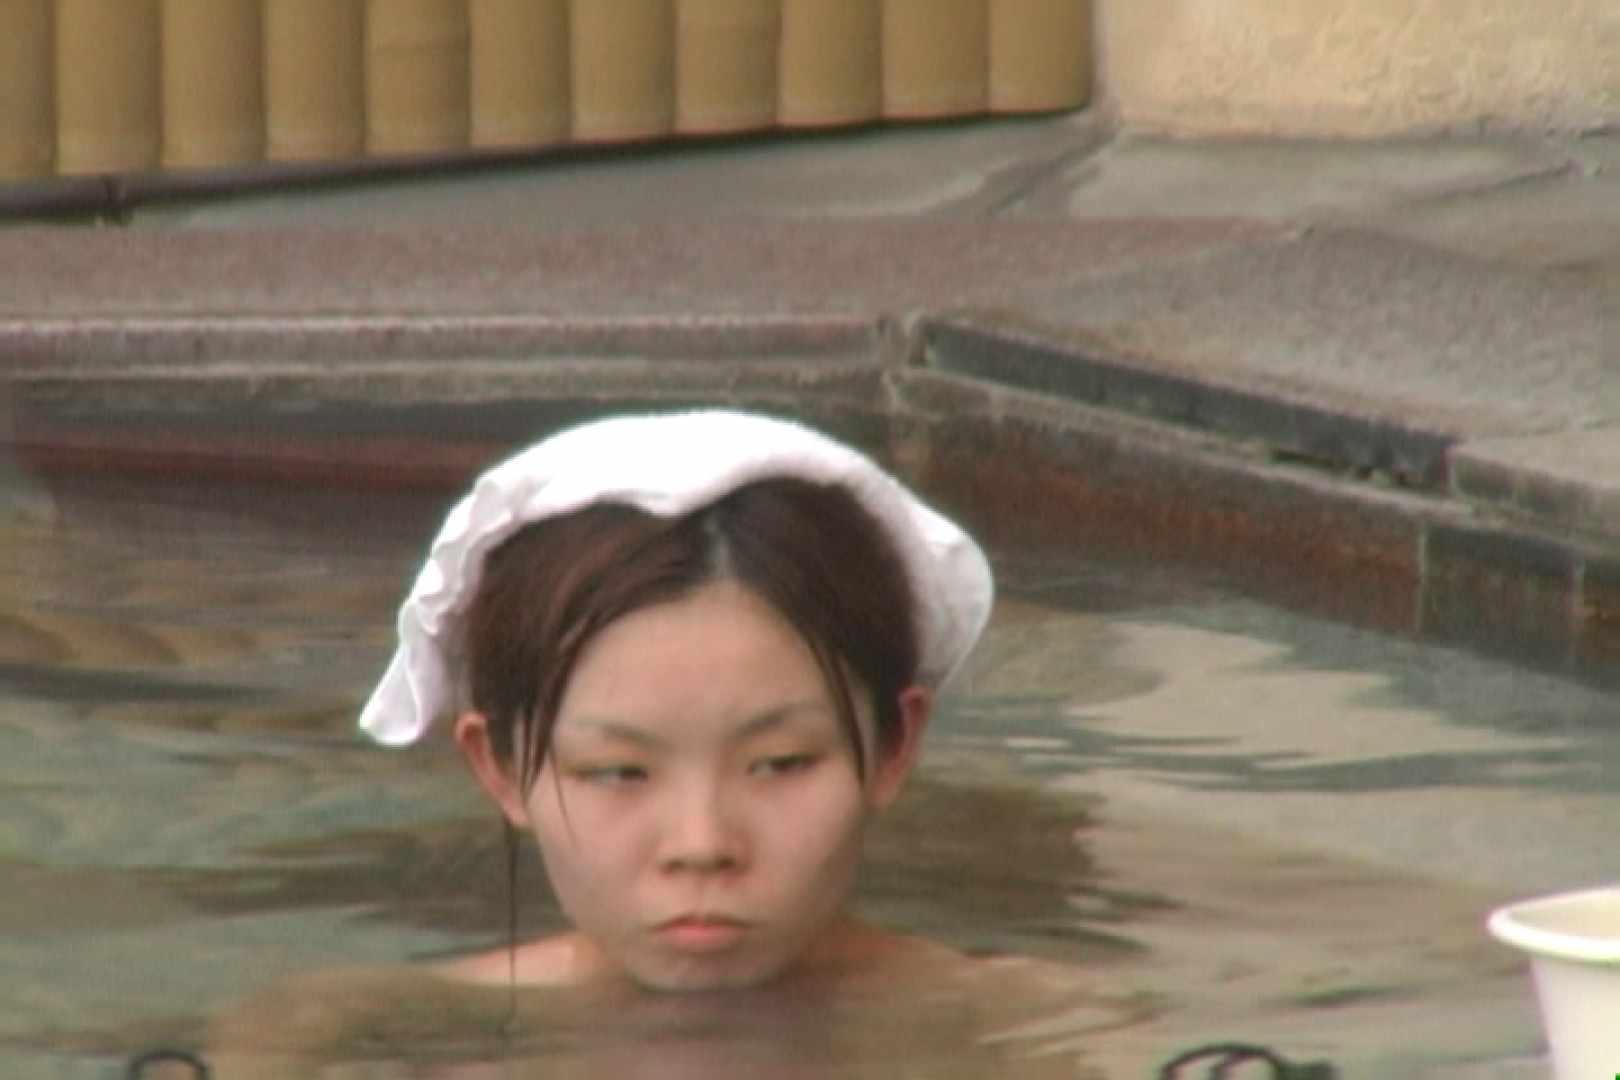 Aquaな露天風呂Vol.580 盗撮師作品 | 美しいOLの裸体  98pic 25